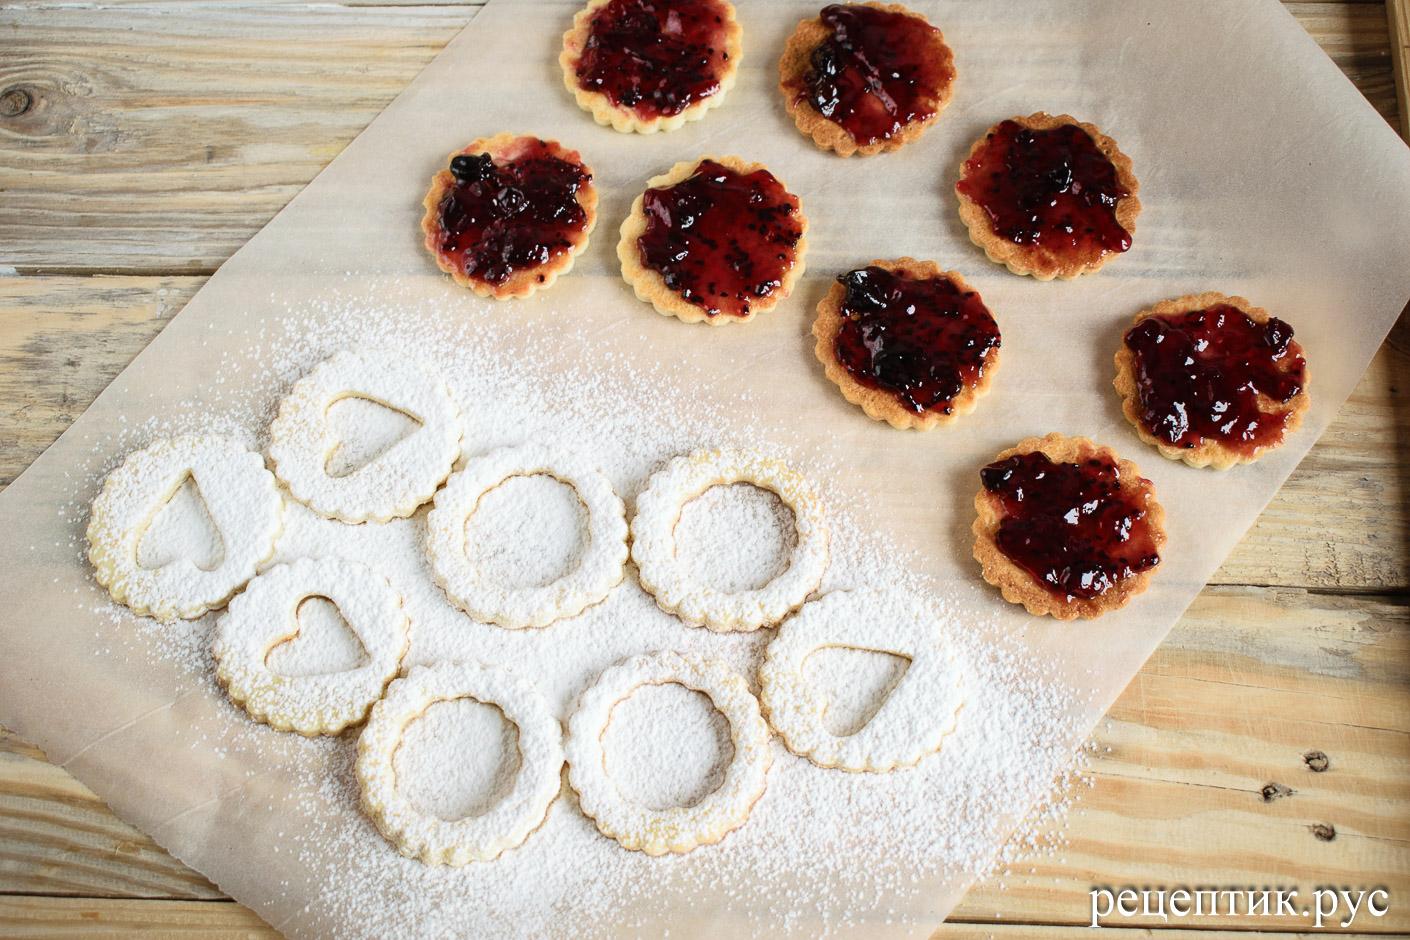 Линцерское печенье - рецепт с фото, шаг 8